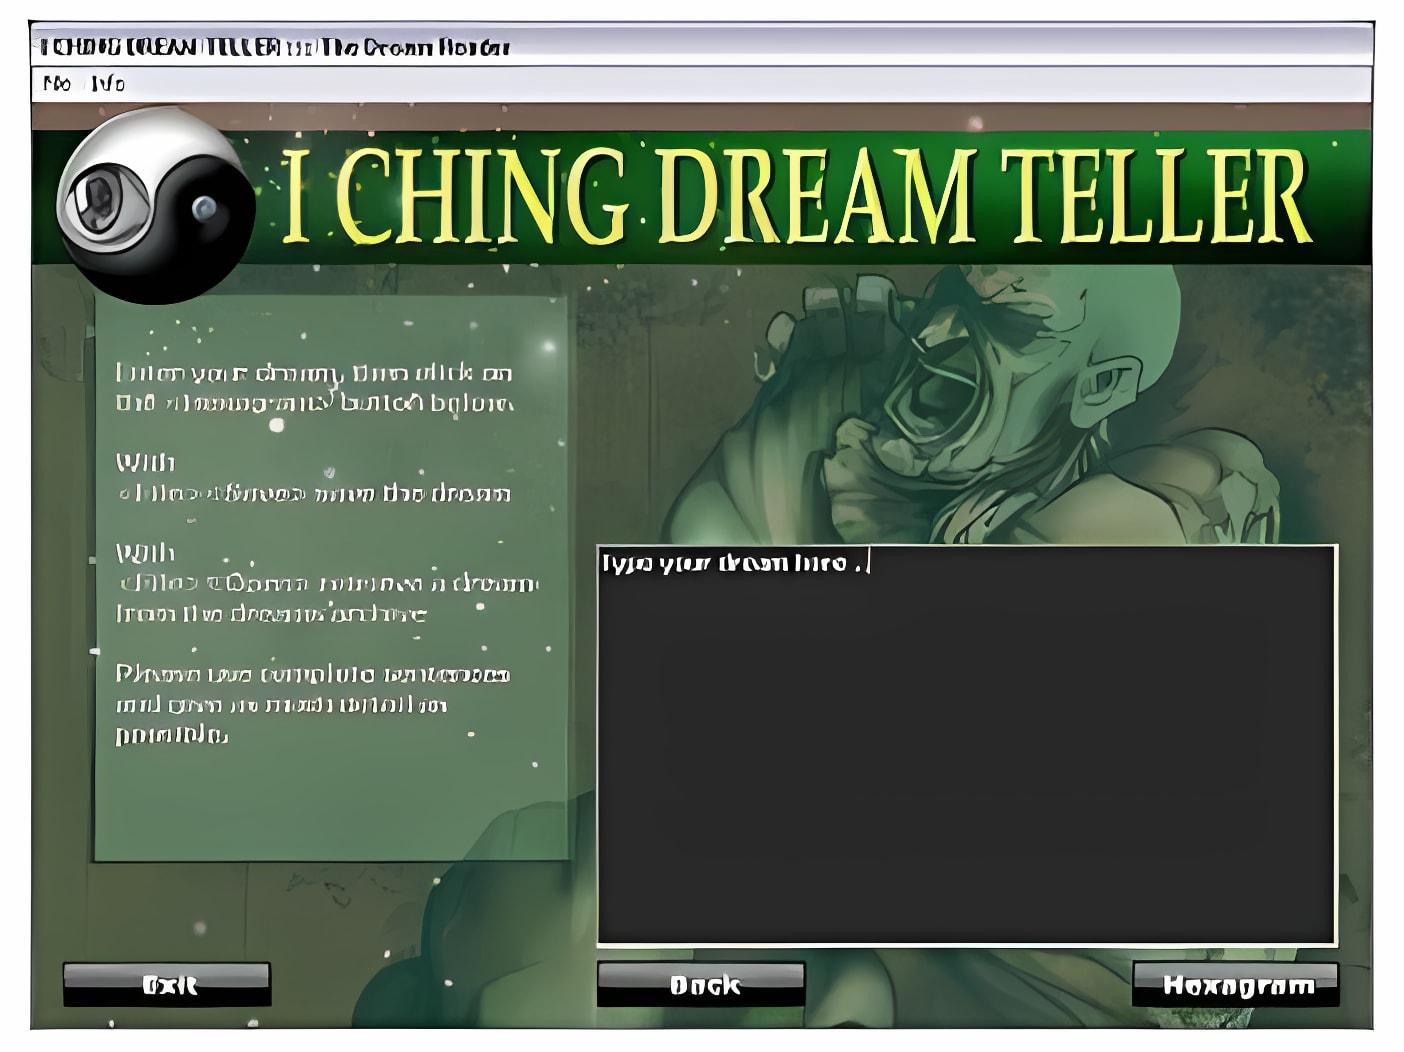 I Ching Dream Teller